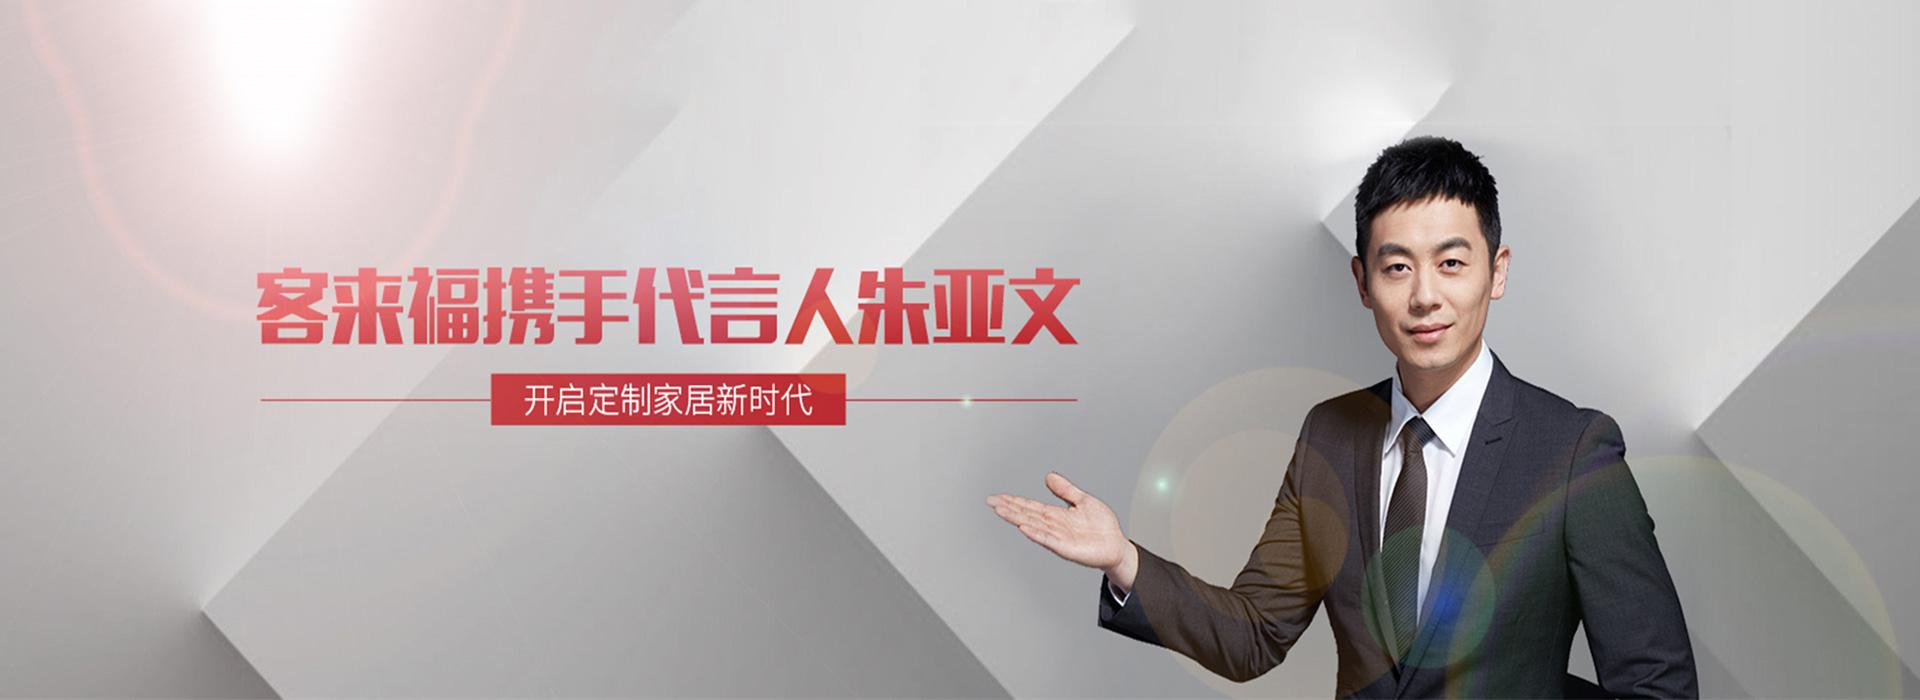 客来福家居股份有限公司-banner1